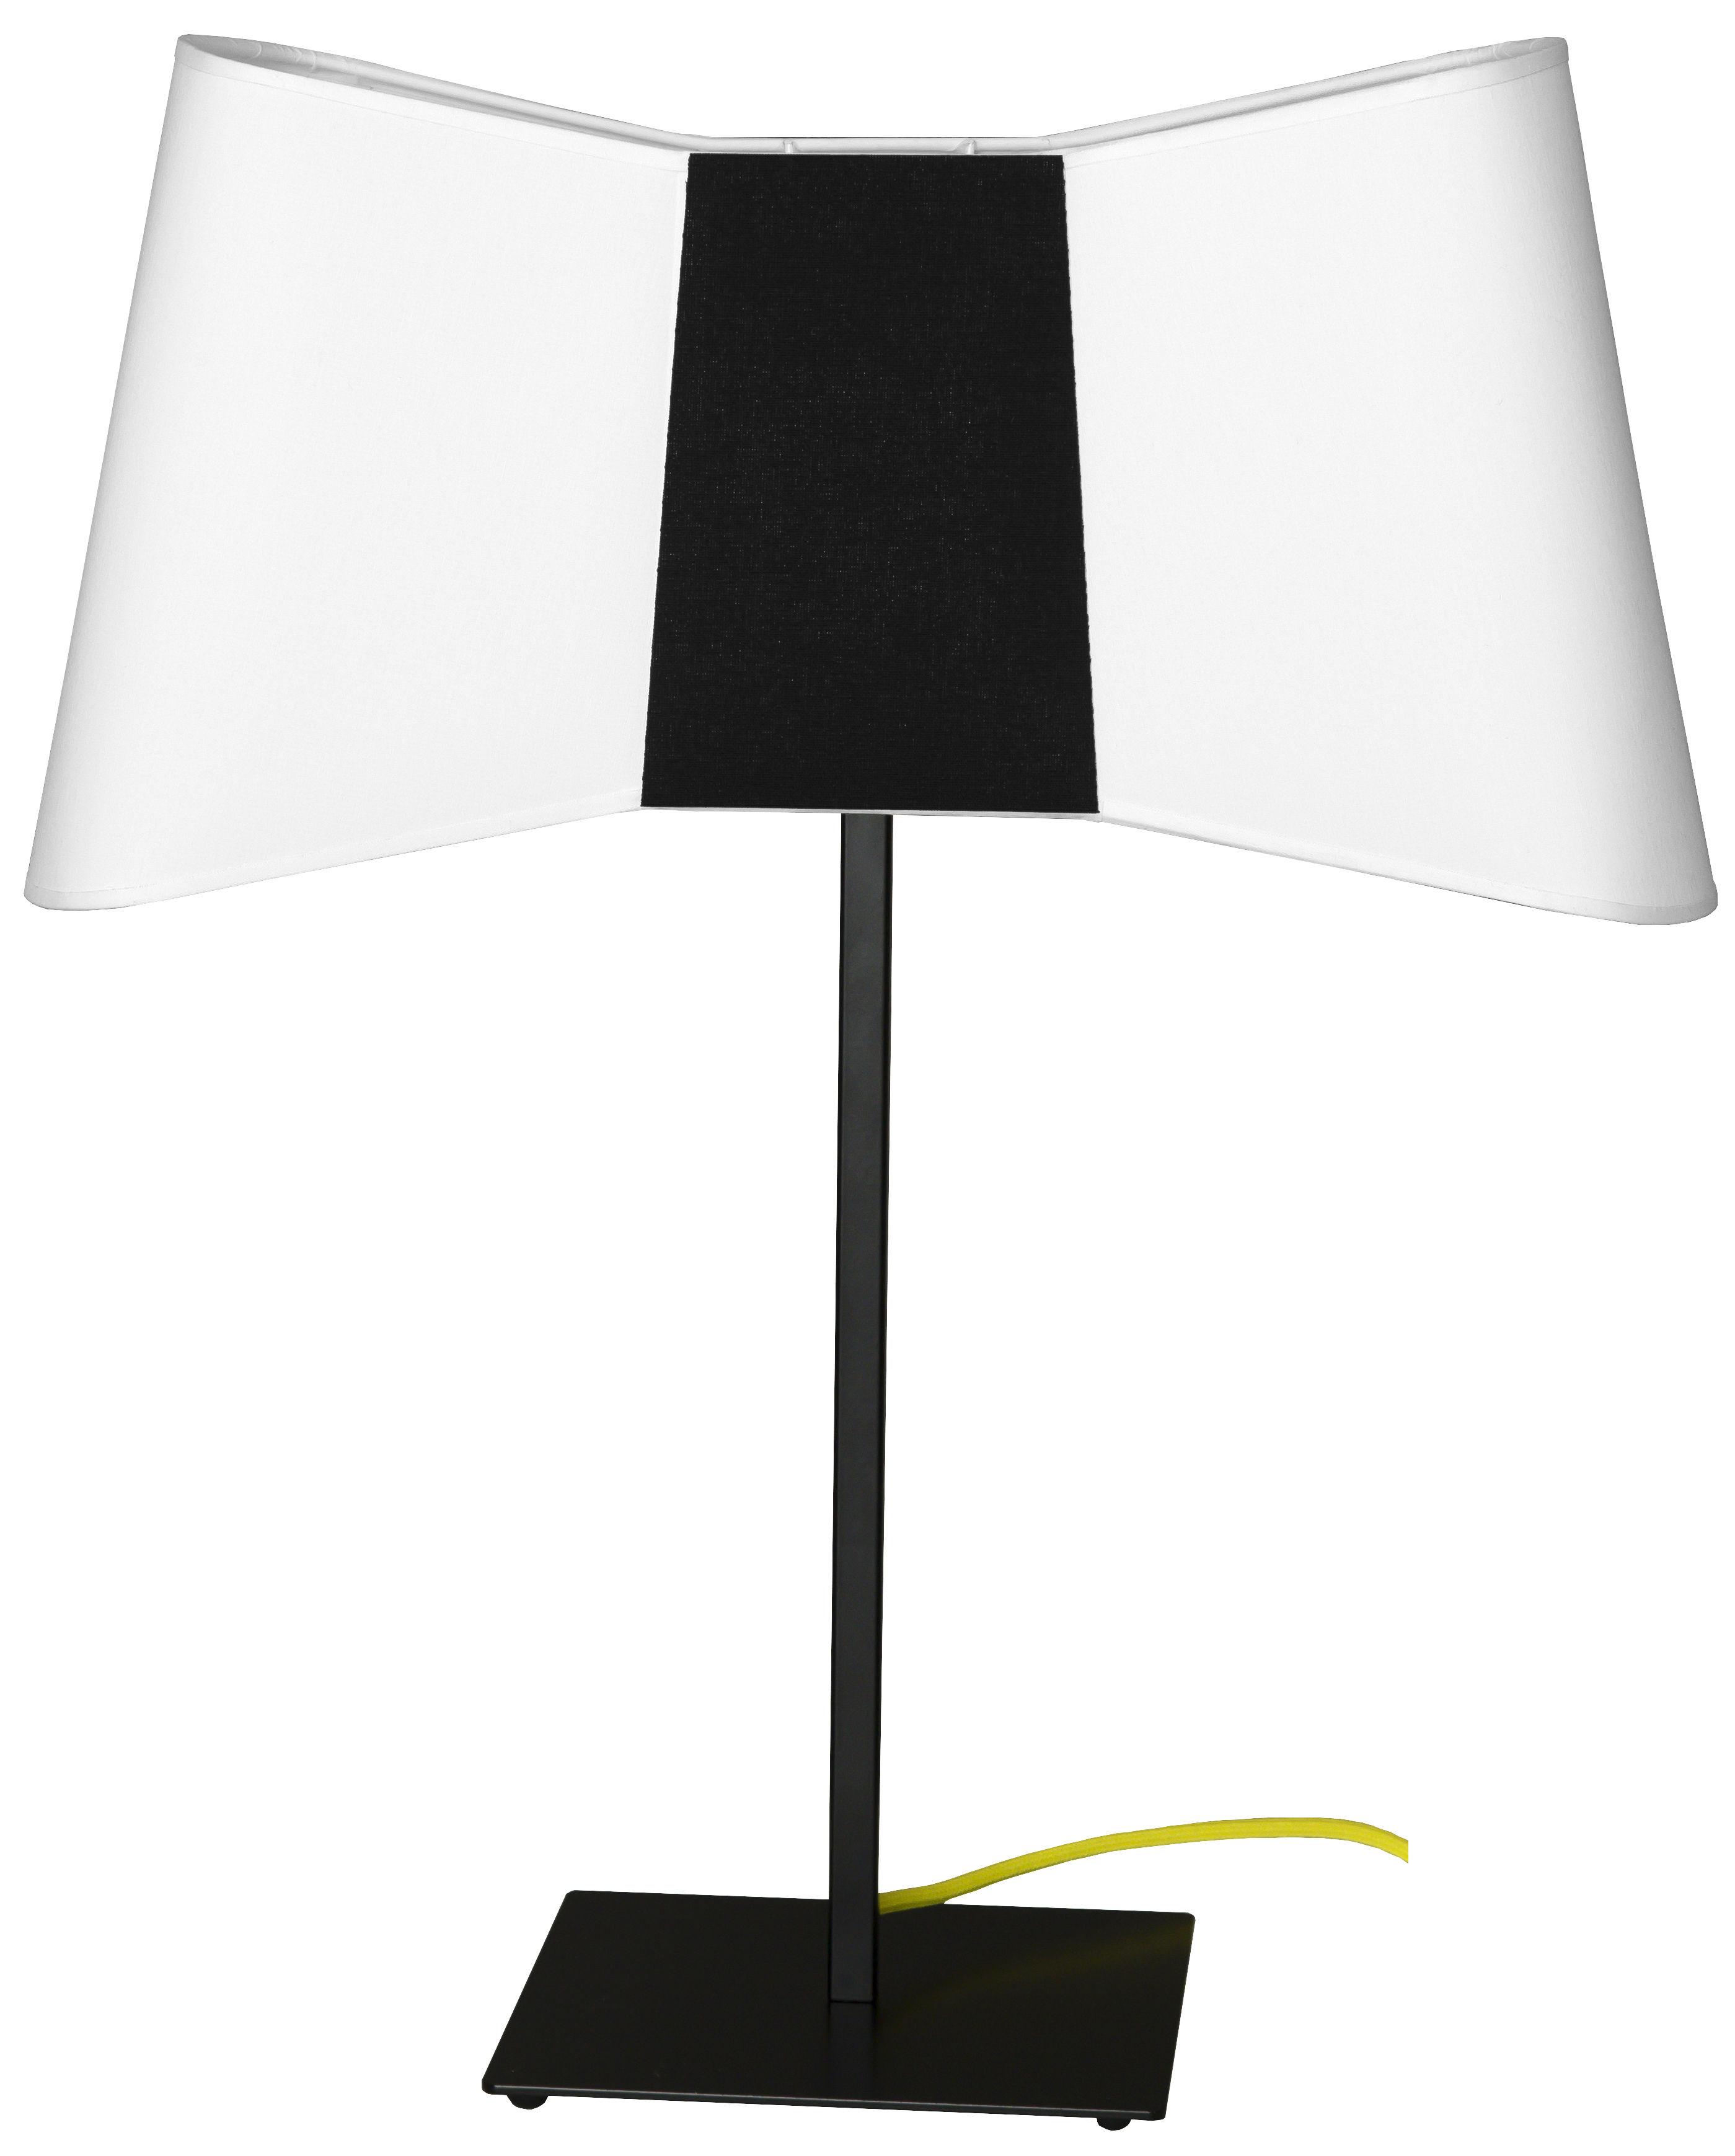 lampe de table grand couture h 60 cm blanc noir c ble jaune designheure. Black Bedroom Furniture Sets. Home Design Ideas